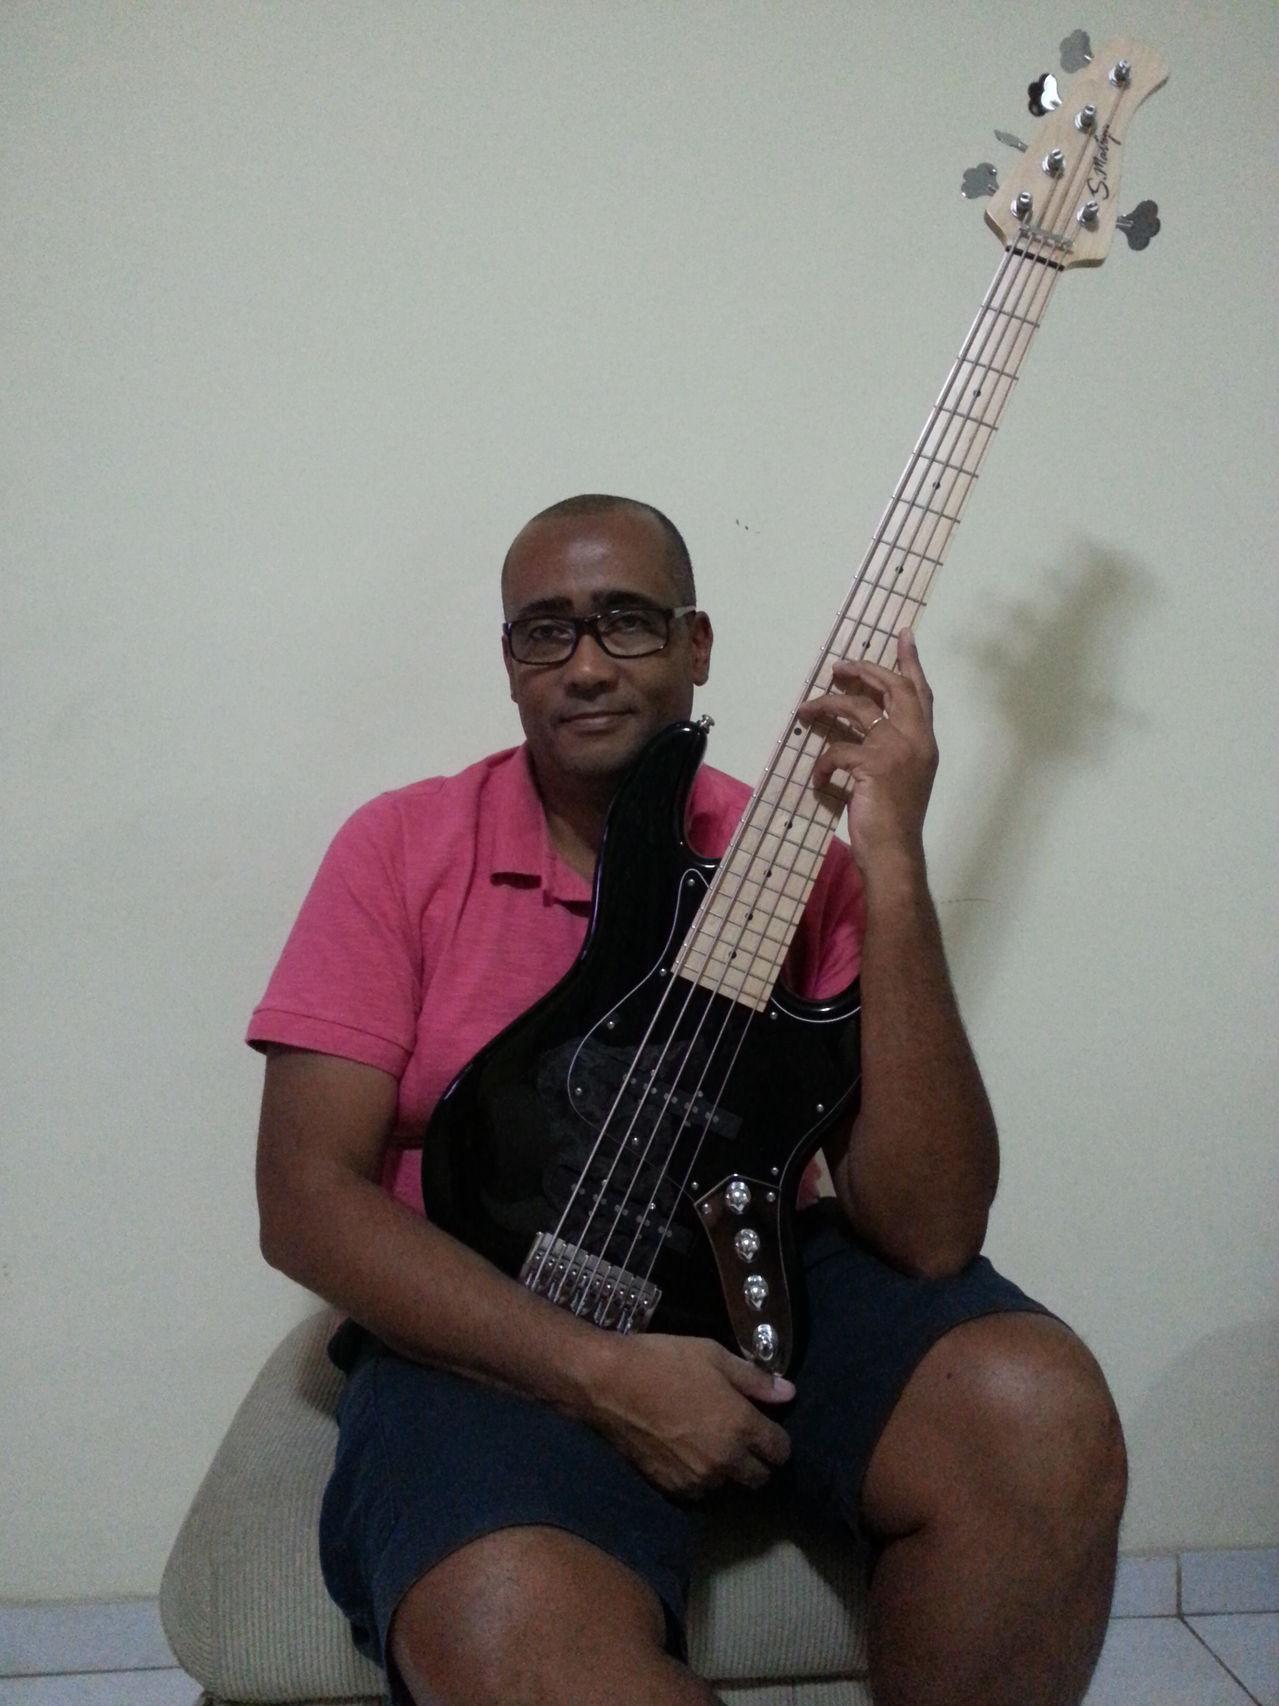 Novo Projeto Baixo S.Martyn - Jazz Bass Custom 22 - 5 cordas - Com fotos e vídeo - Página 3 18_1